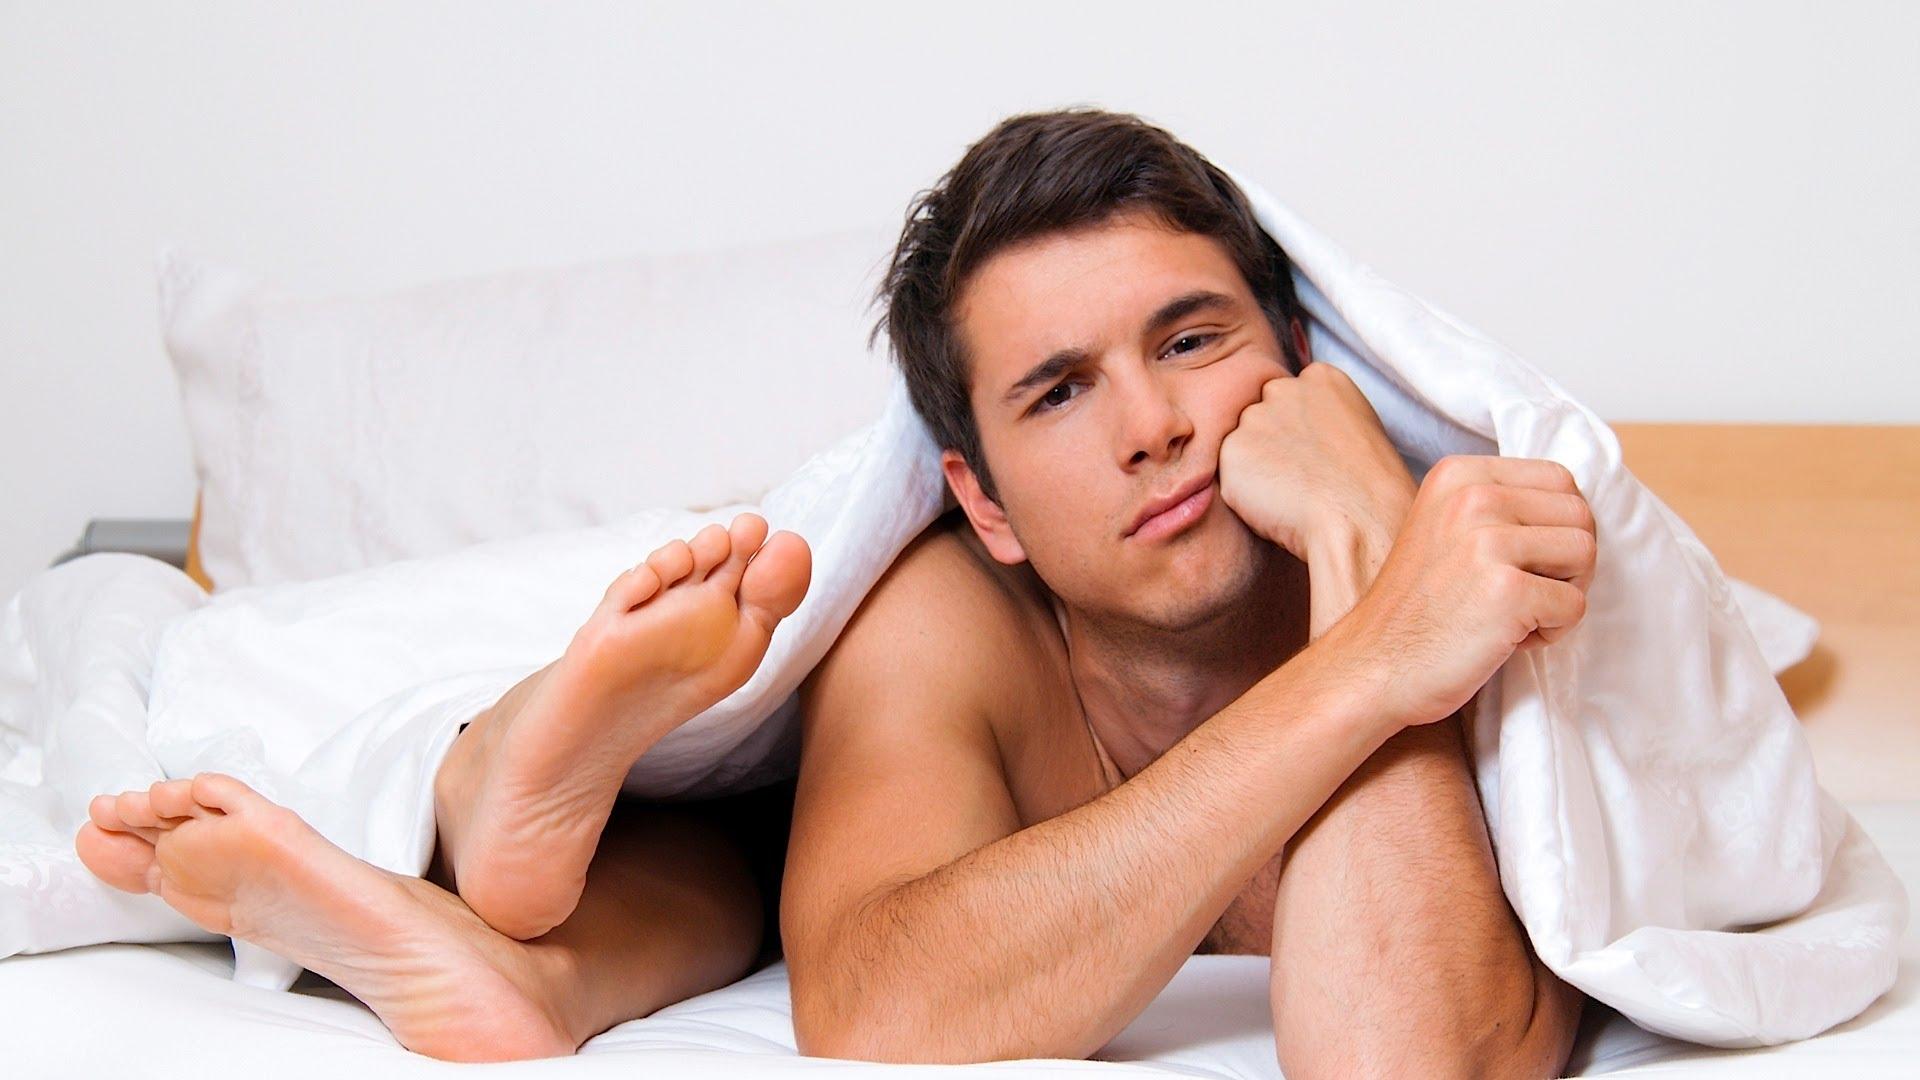 eroticheskiy-striptiz-ot-bryunetki